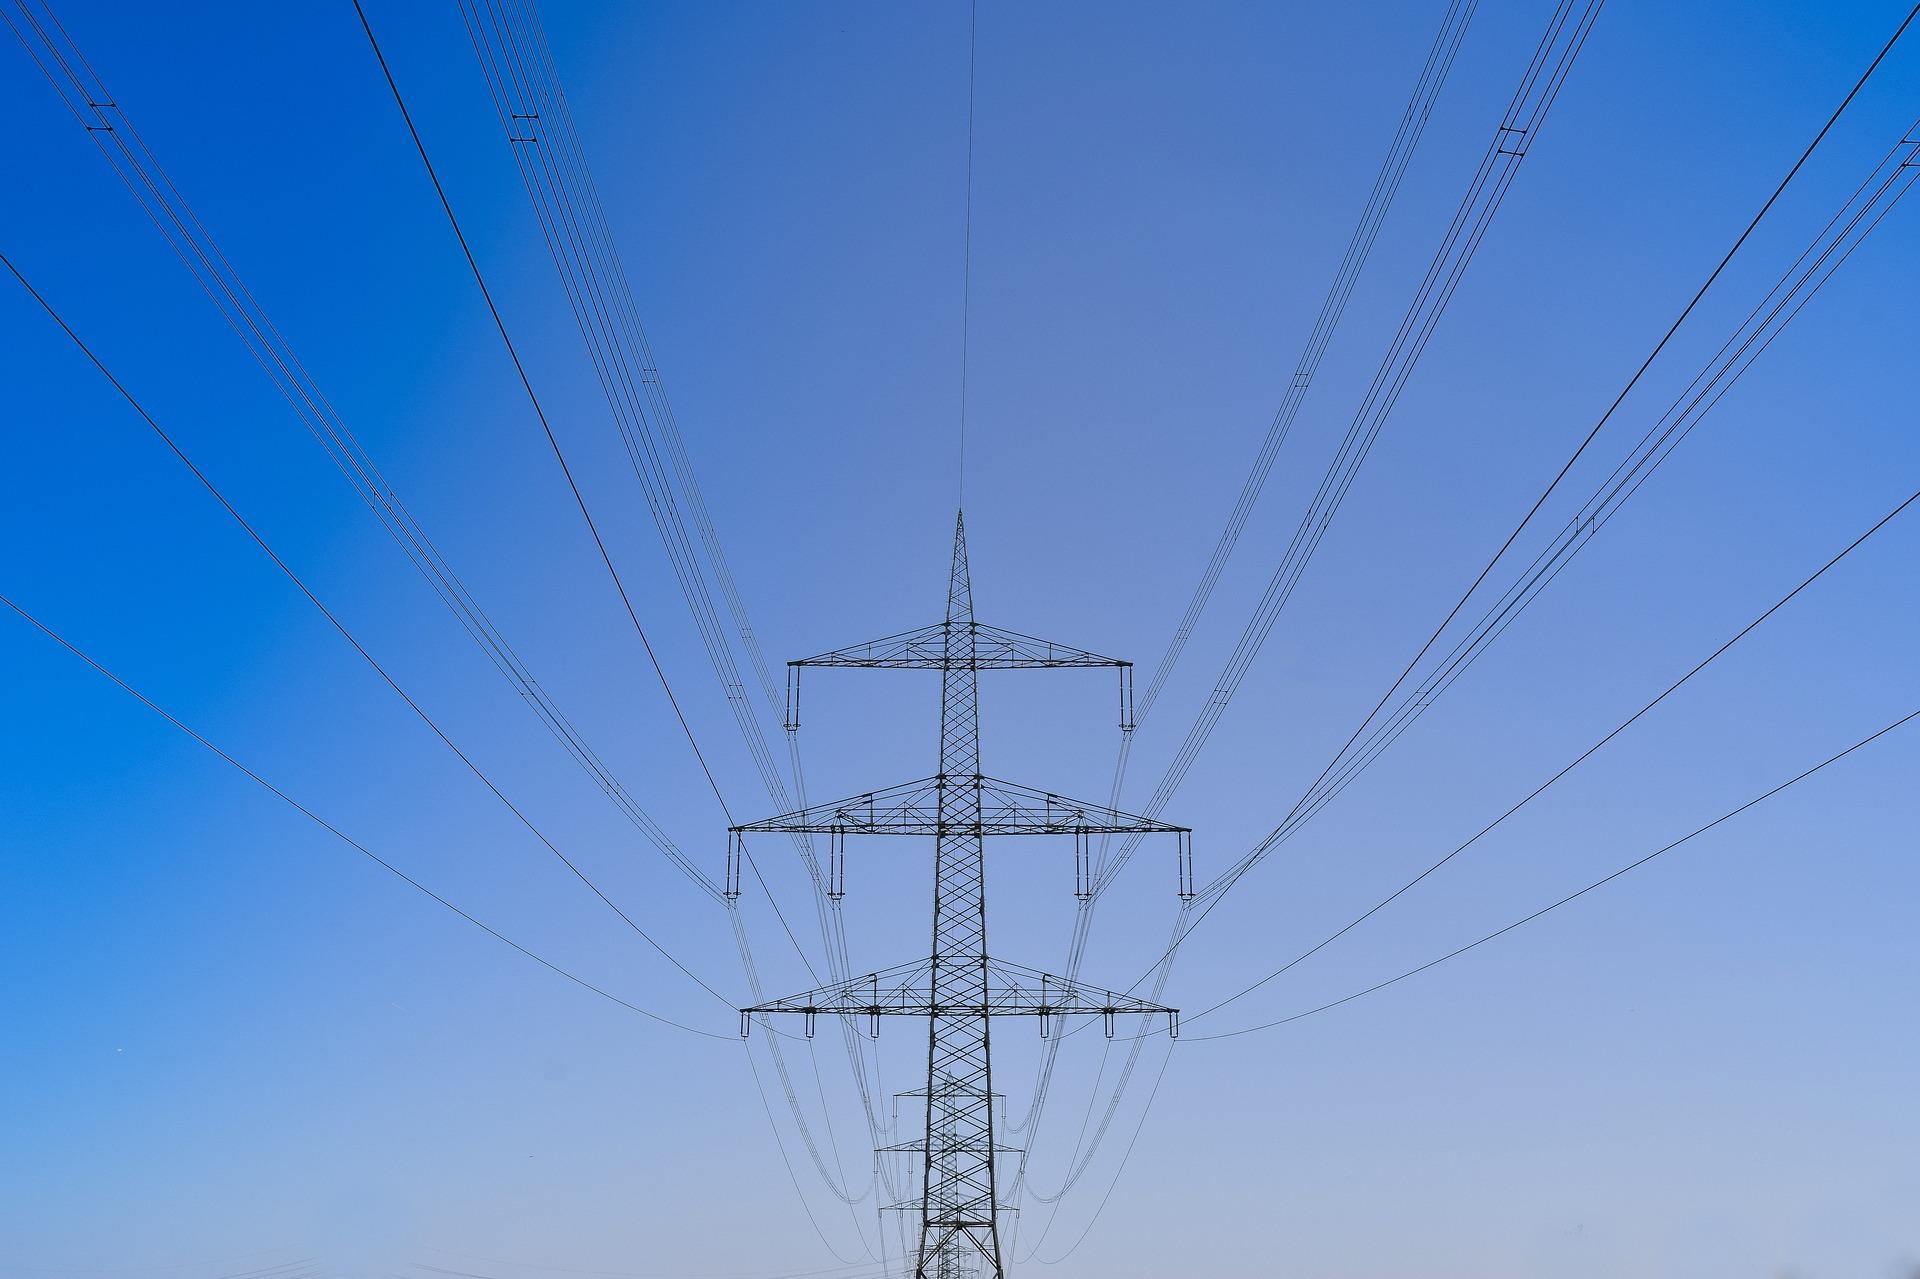 Der Strom ist ausgefallen